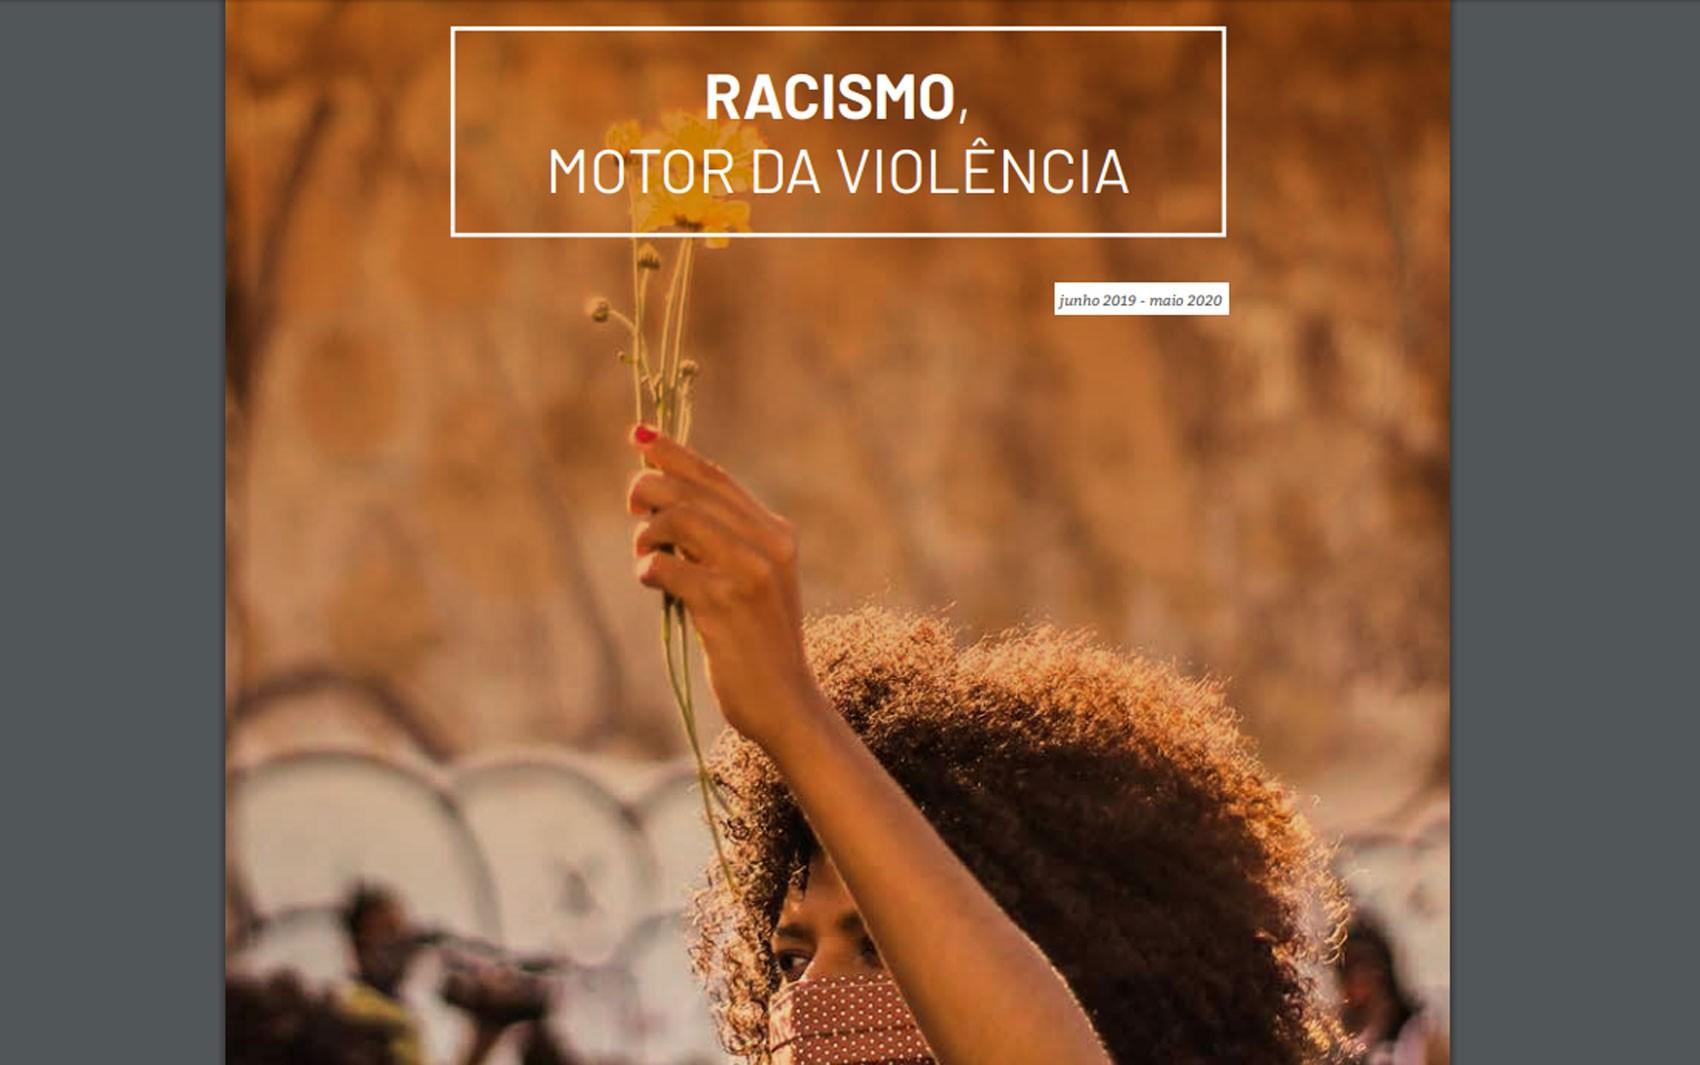 Pesquisa analisa racismo em ações policiais em 5 estados e Bahia é o 2º com mais mortes em operações, feminicídios e chacinas